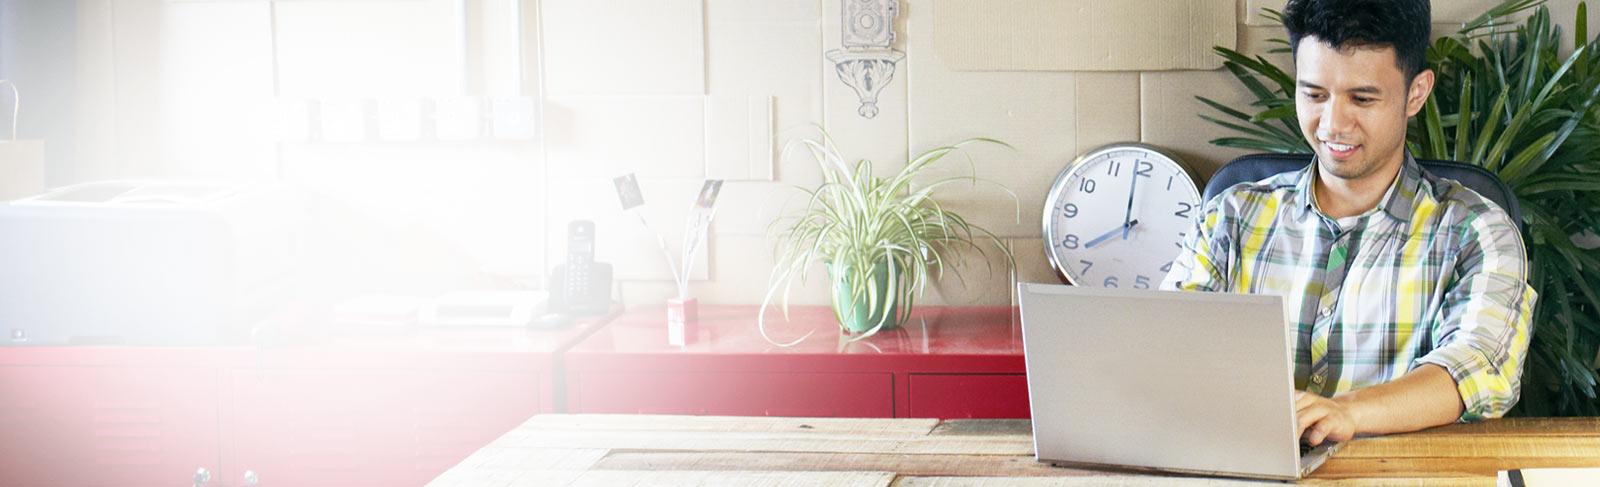 Meer over Office 2016 voor Thuisgebruik en Zelfstandigen